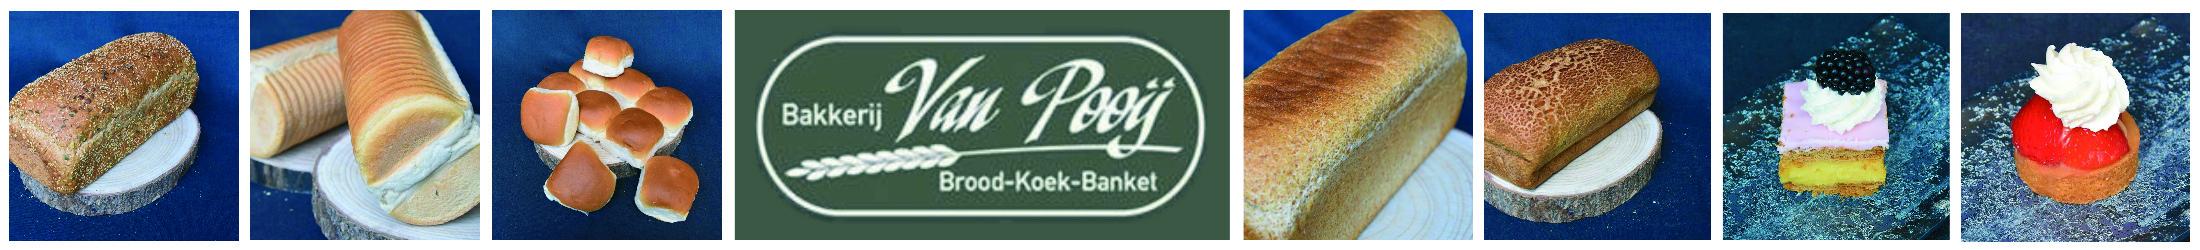 Ab van Pooij